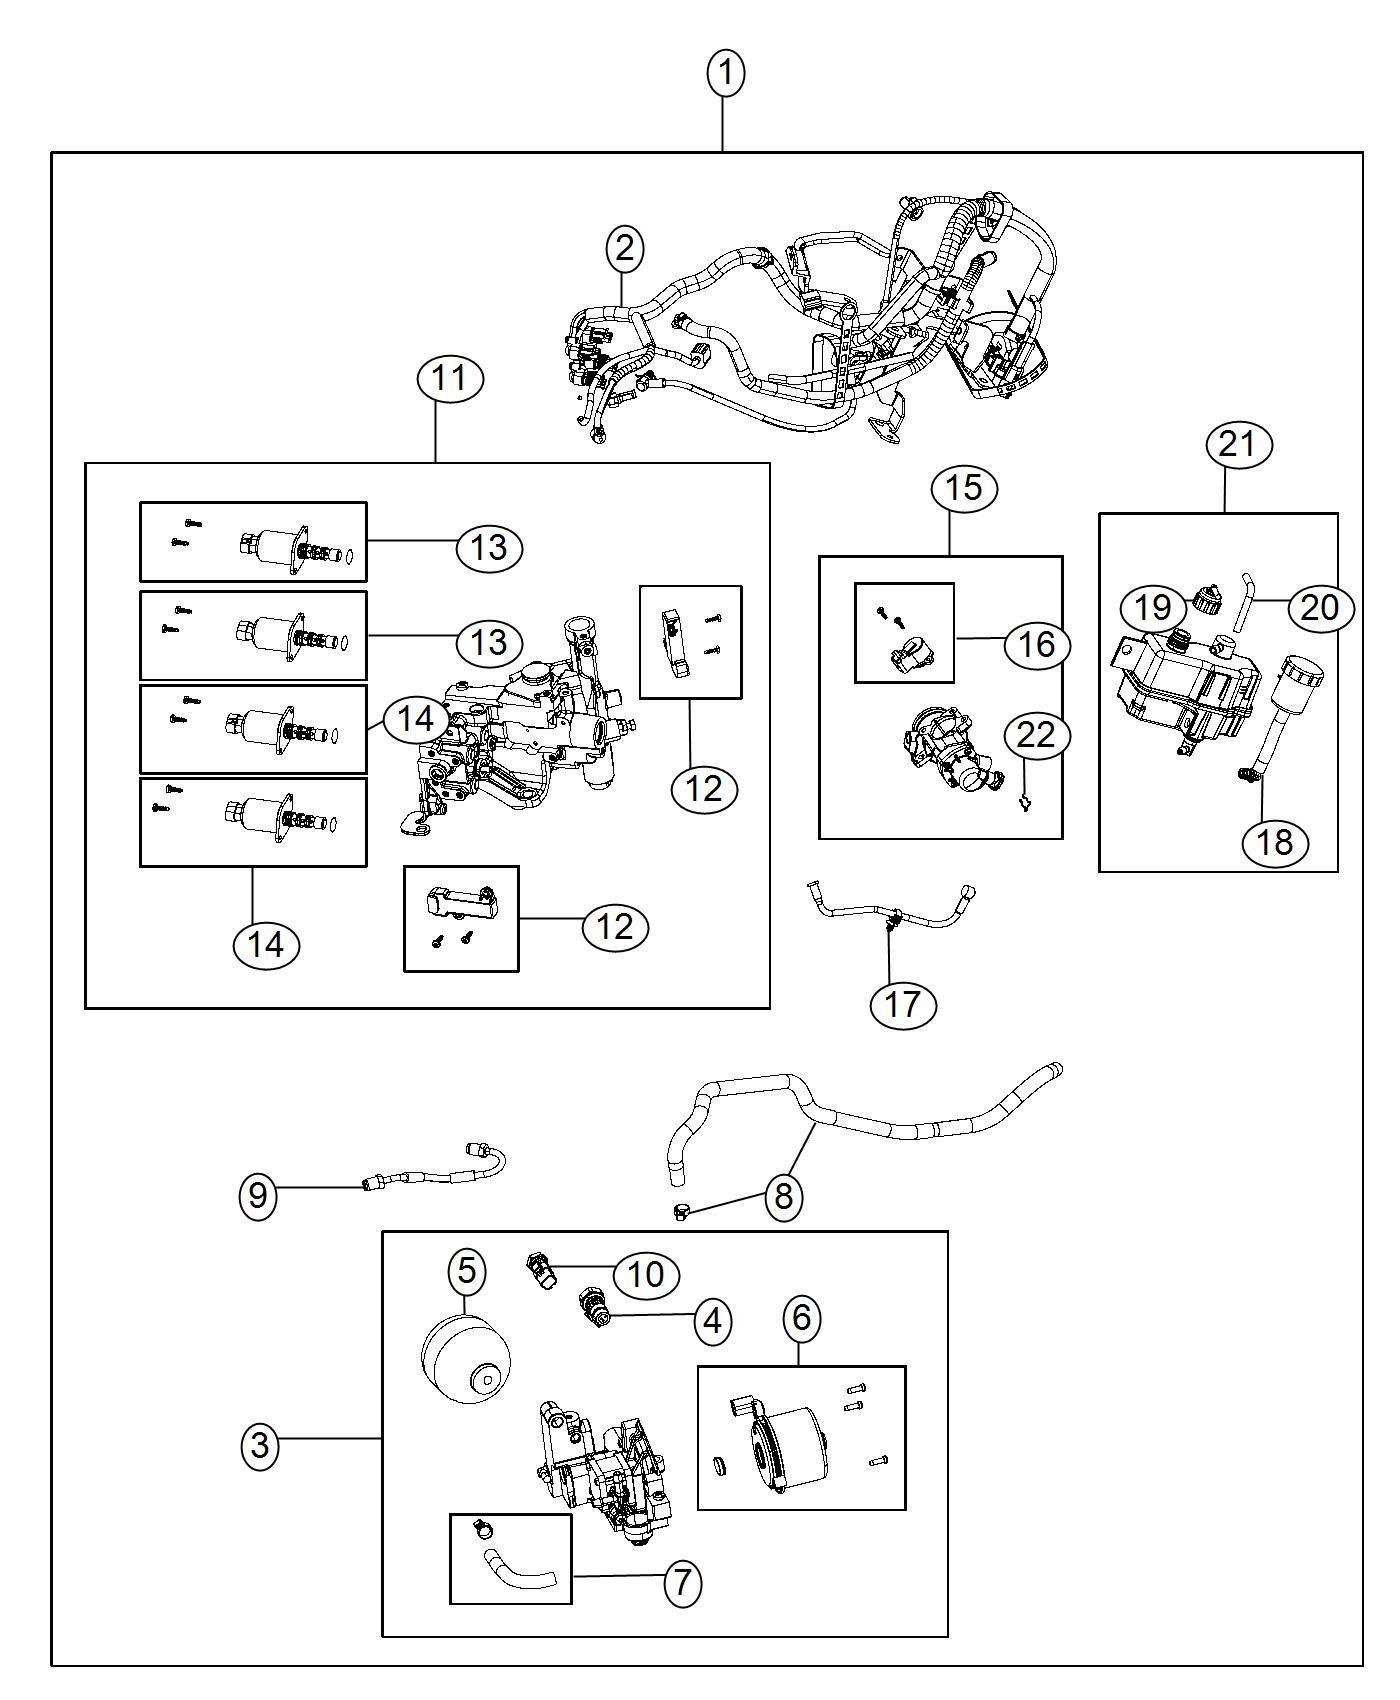 Ram Sensor Position Trim No Description Available